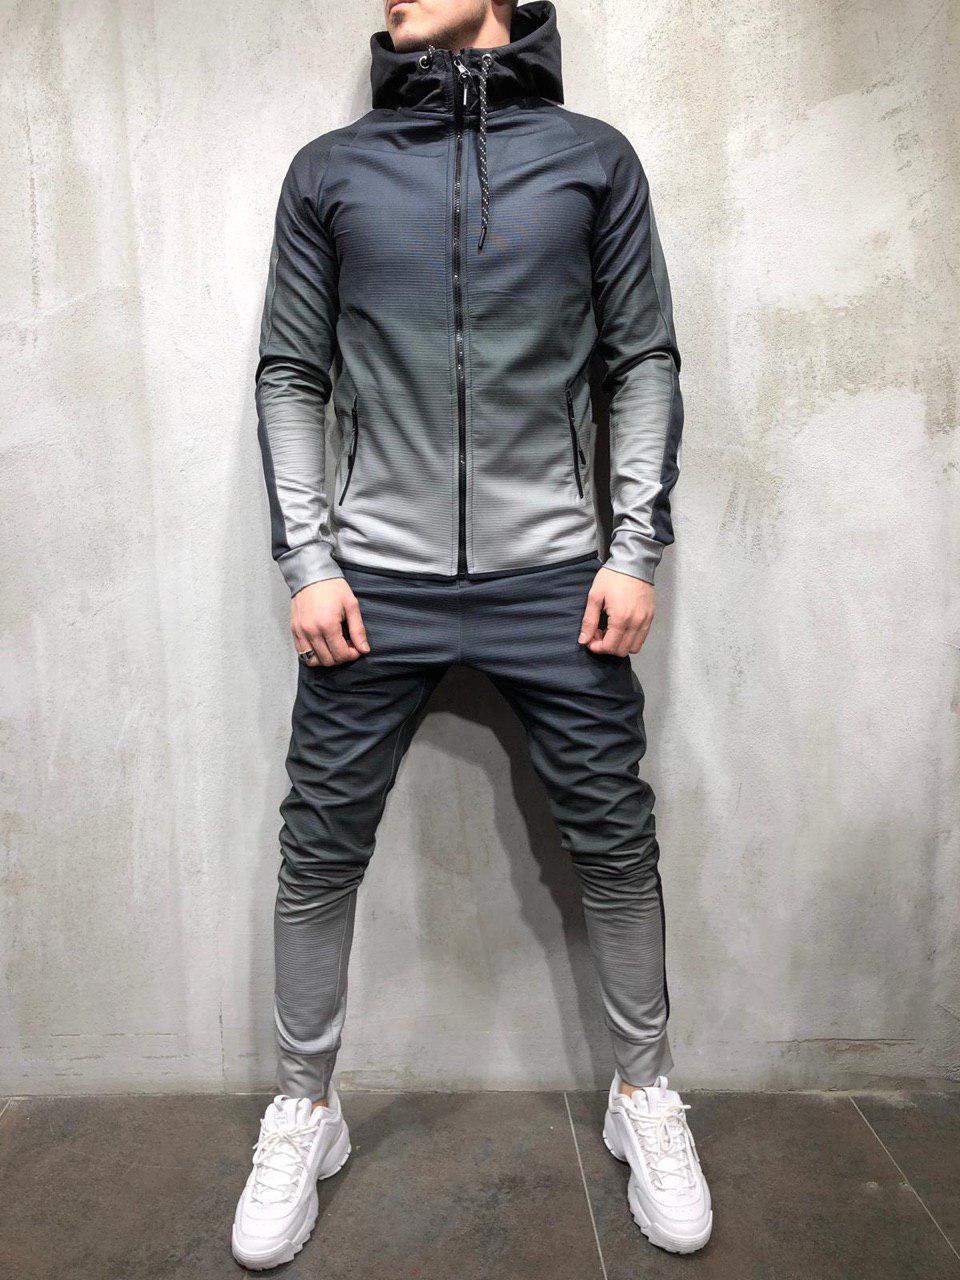 77ec2b63 Мужской спортивный костюм   Костюм спортивний   Стильный (Серый) -  Shopi_Luxury в Виннице